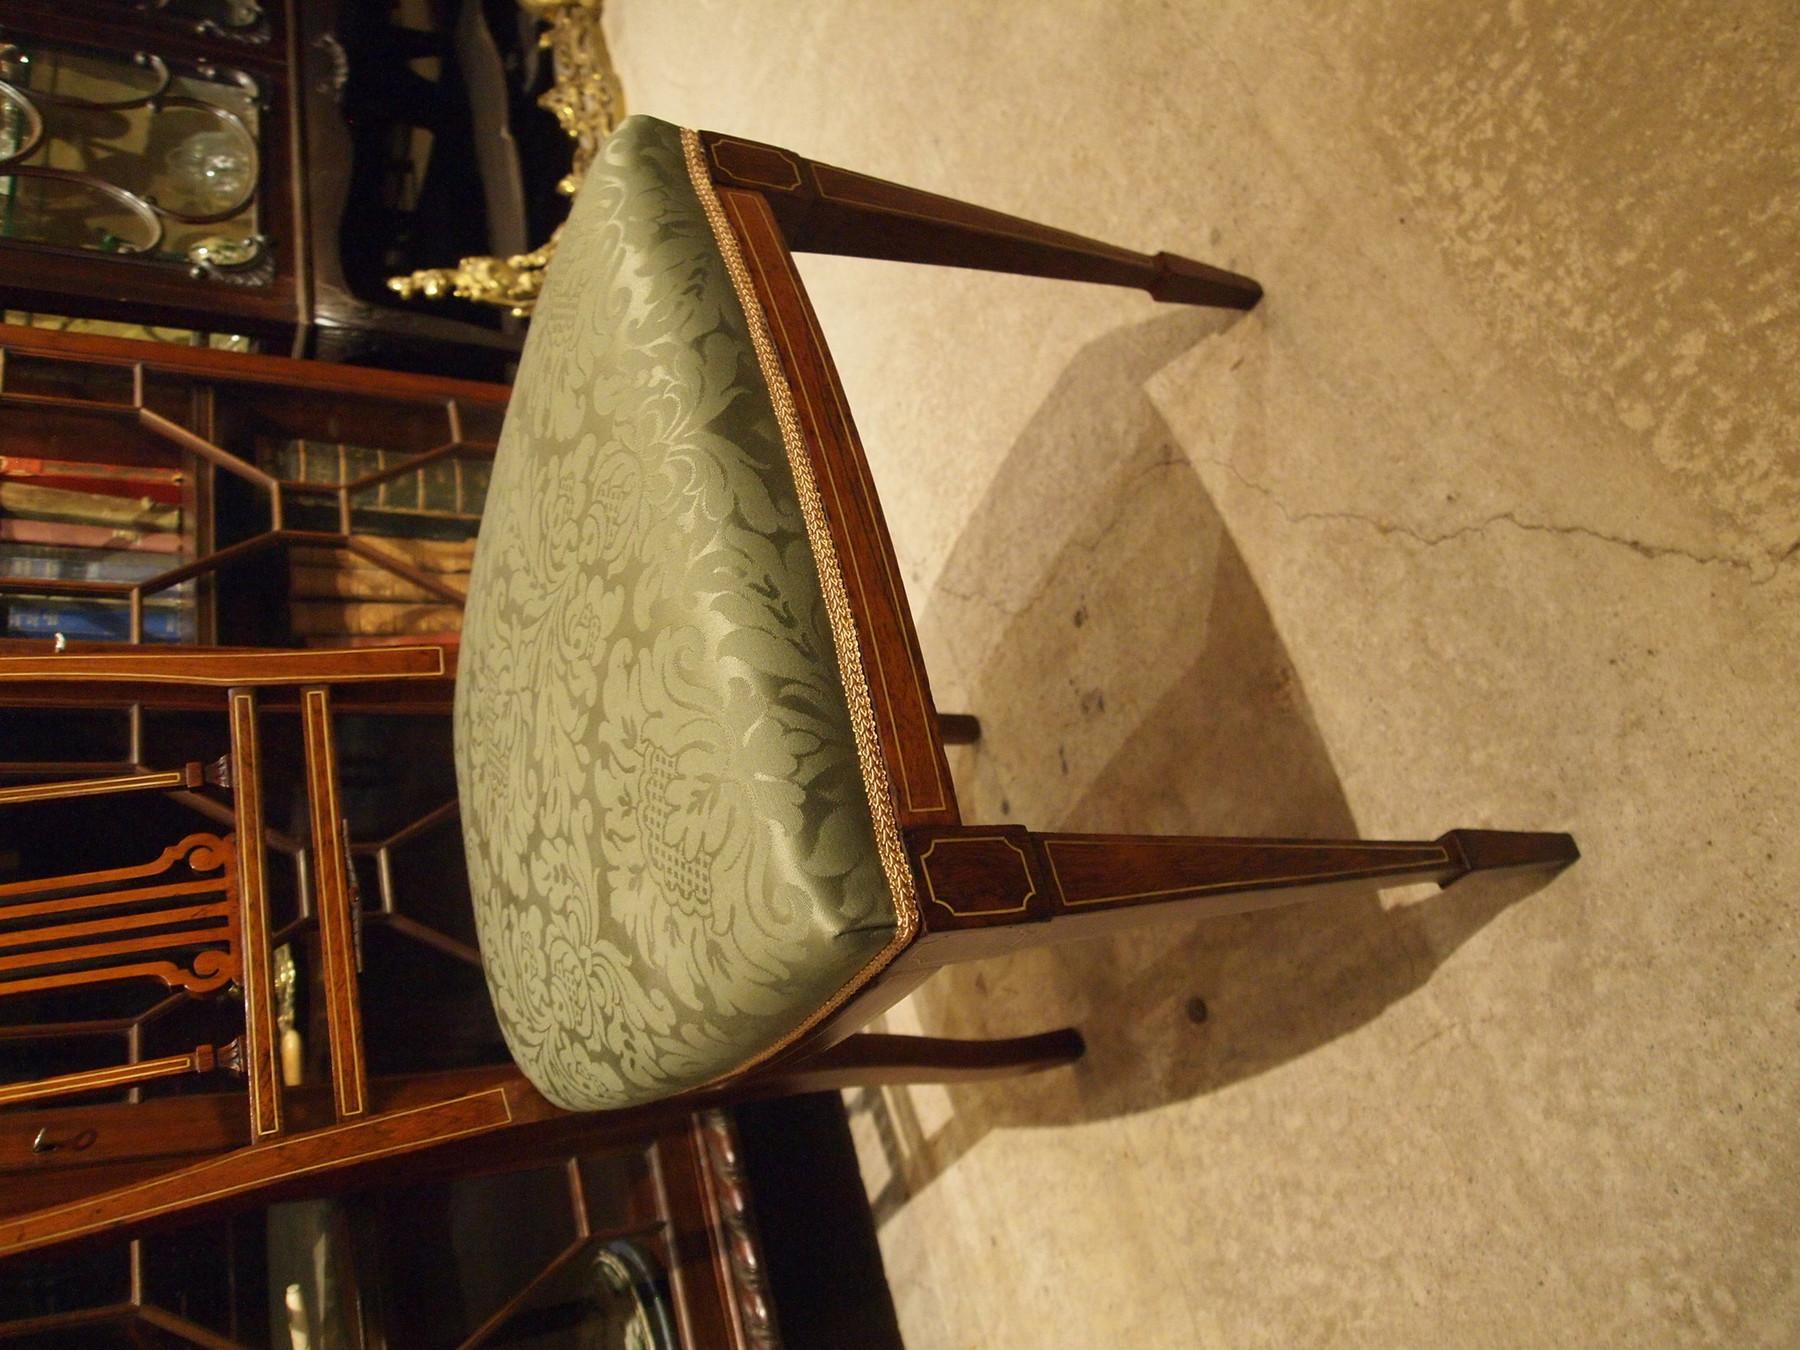 chair201226_10.JPG